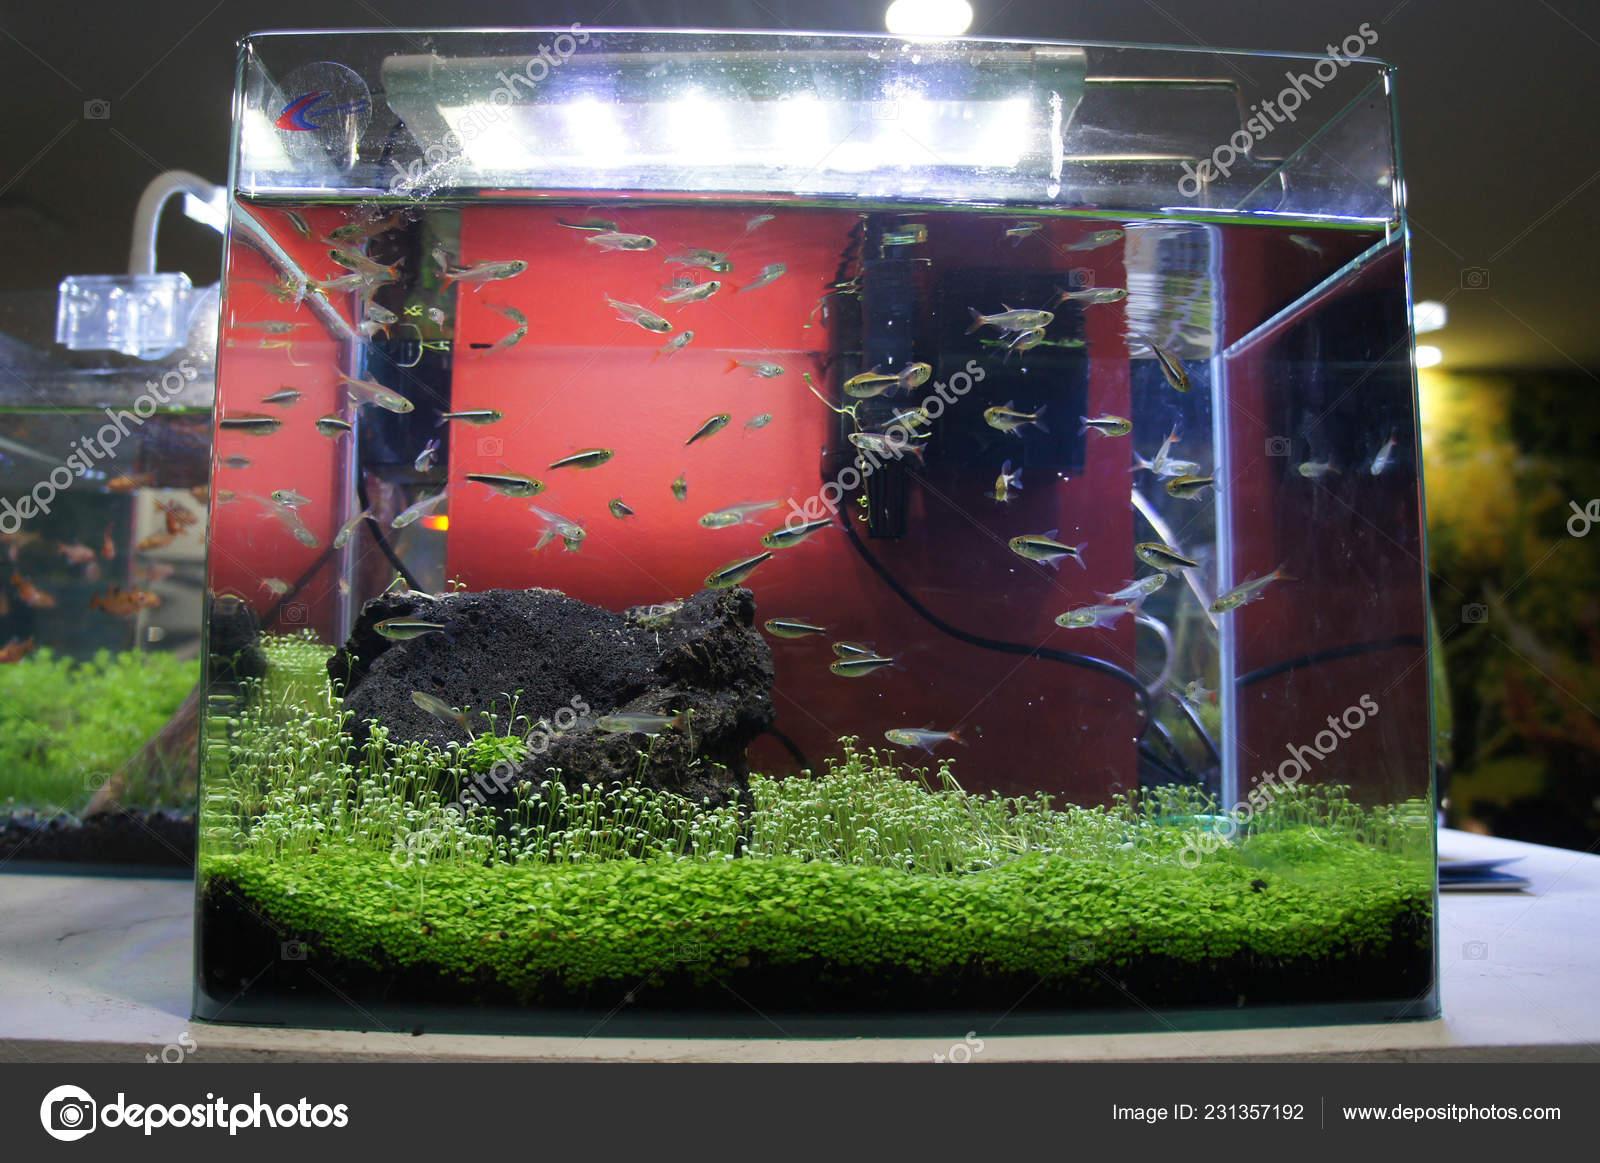 Aquascape Terrarium Design Group Small Fish Small Glass ...